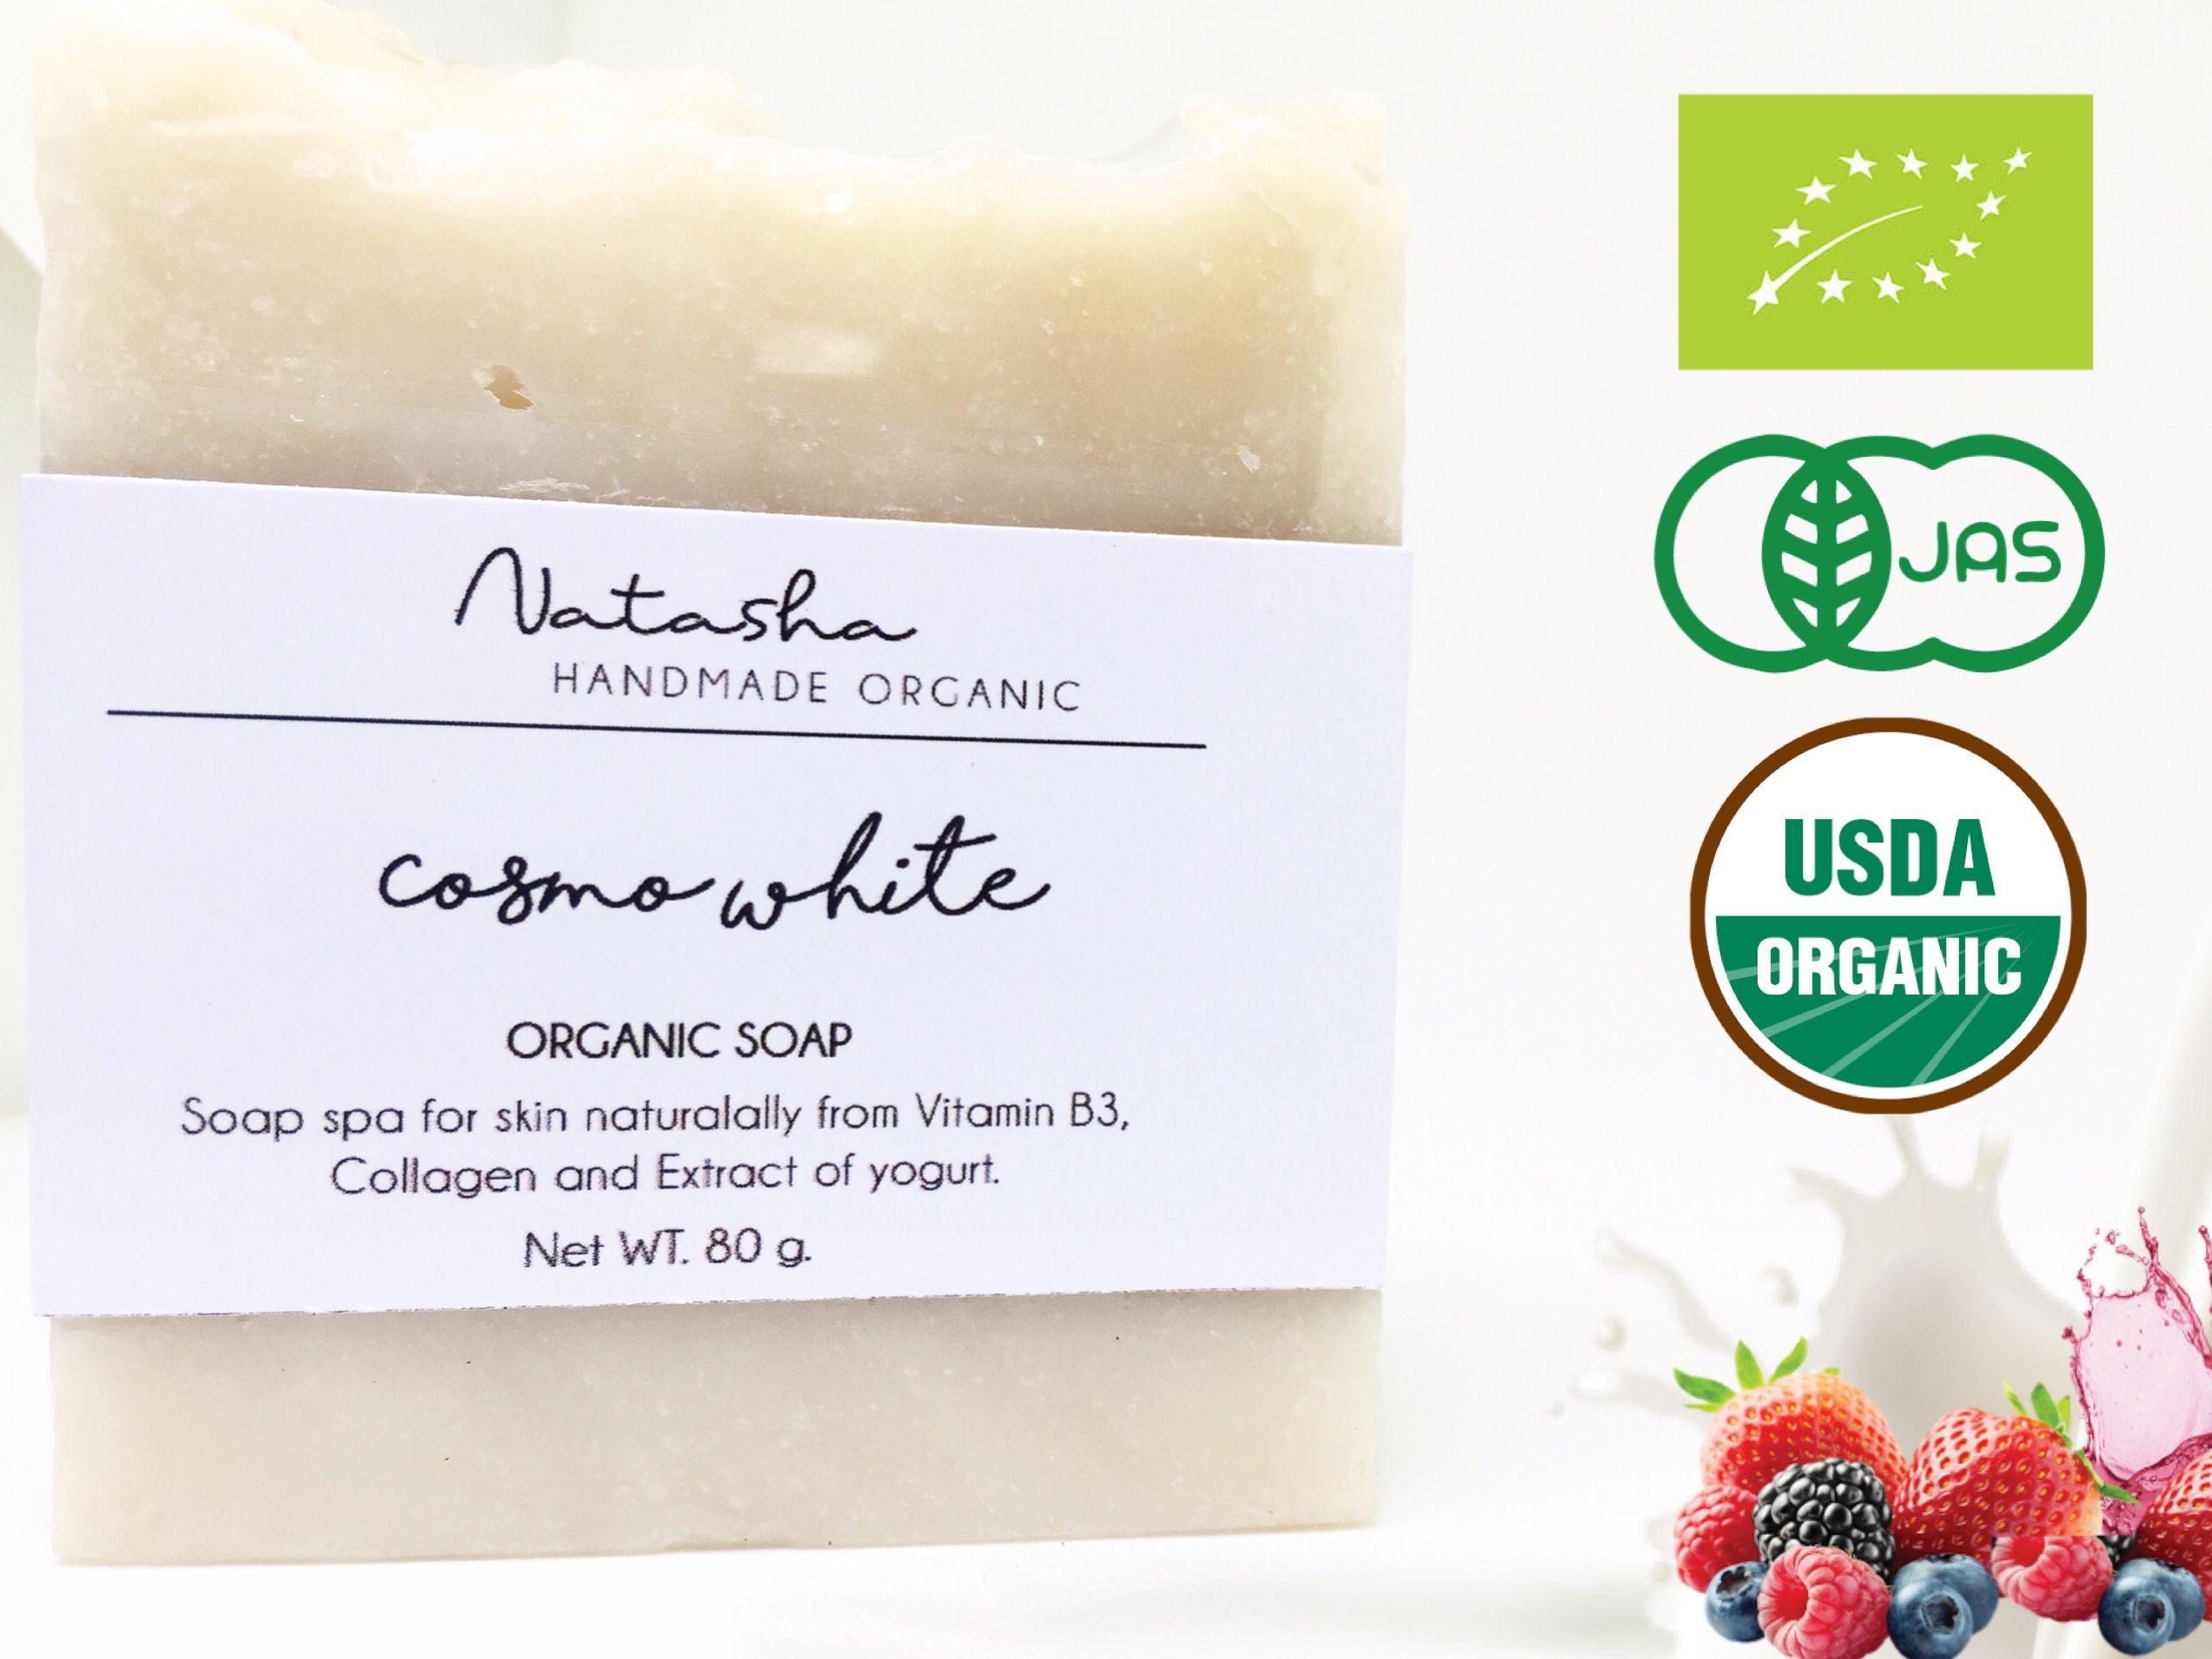 Organic soap Cosmo white soap $10